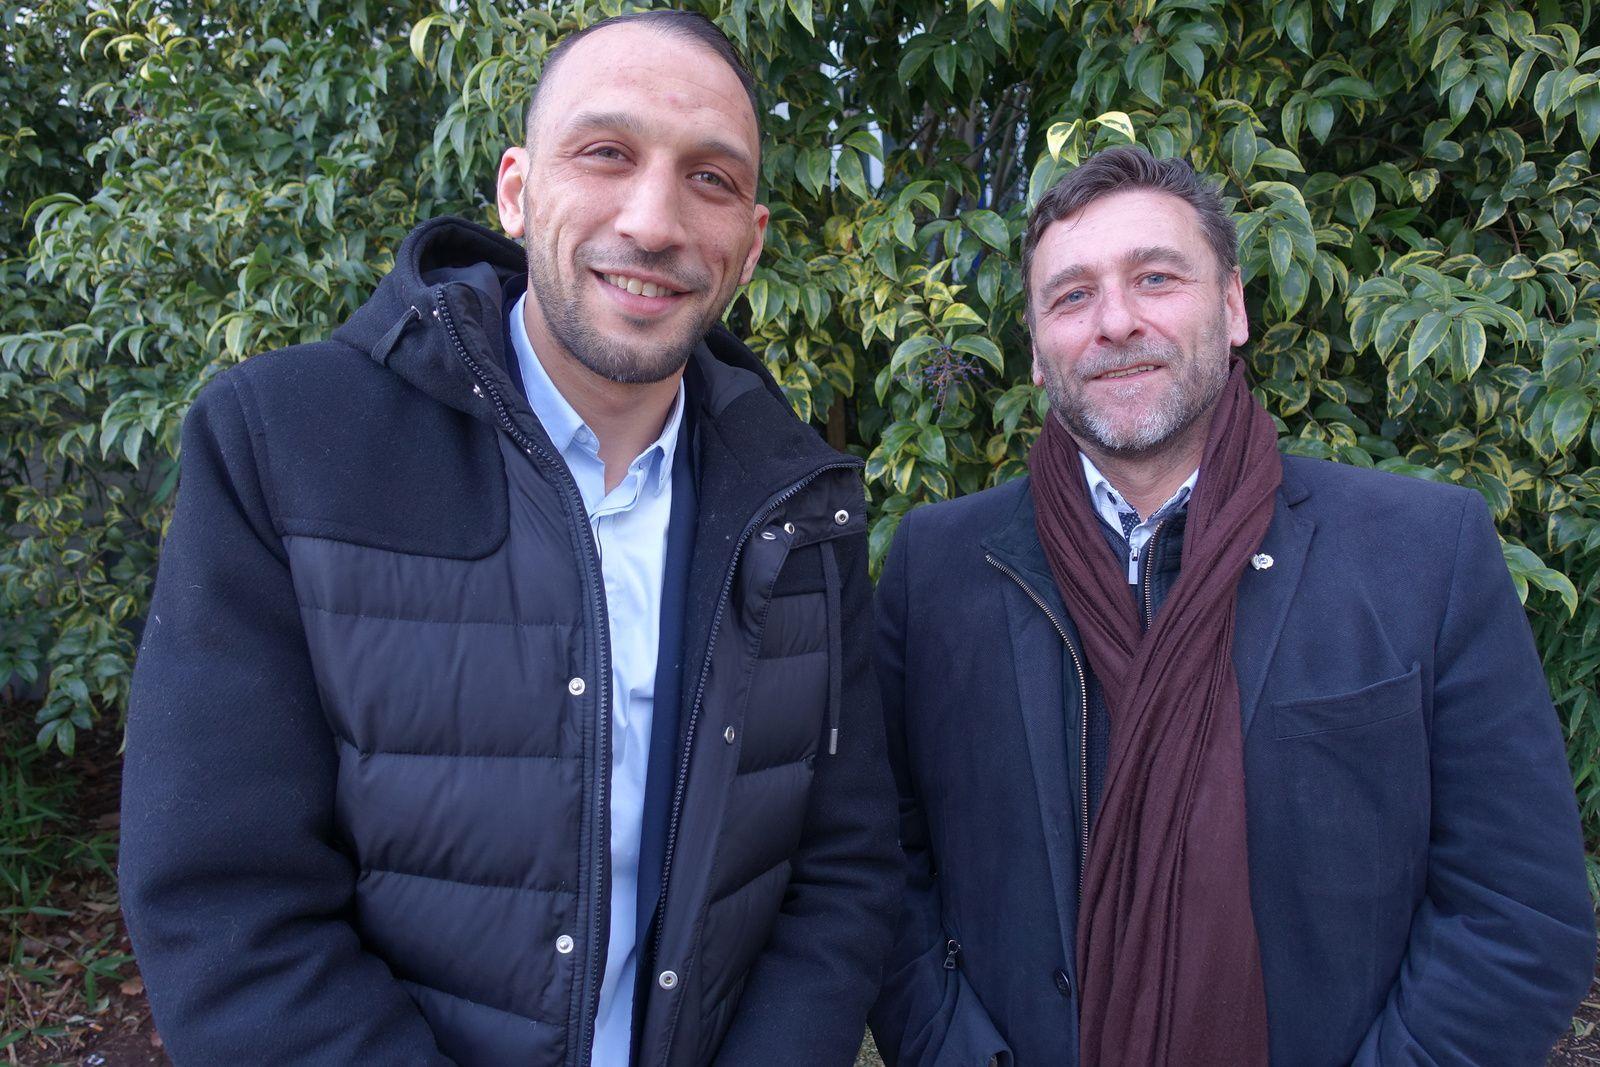 Mehdi Gana et Jean-Pierre Gana lors de la presentation en fevrier 2018 du projet de fusion